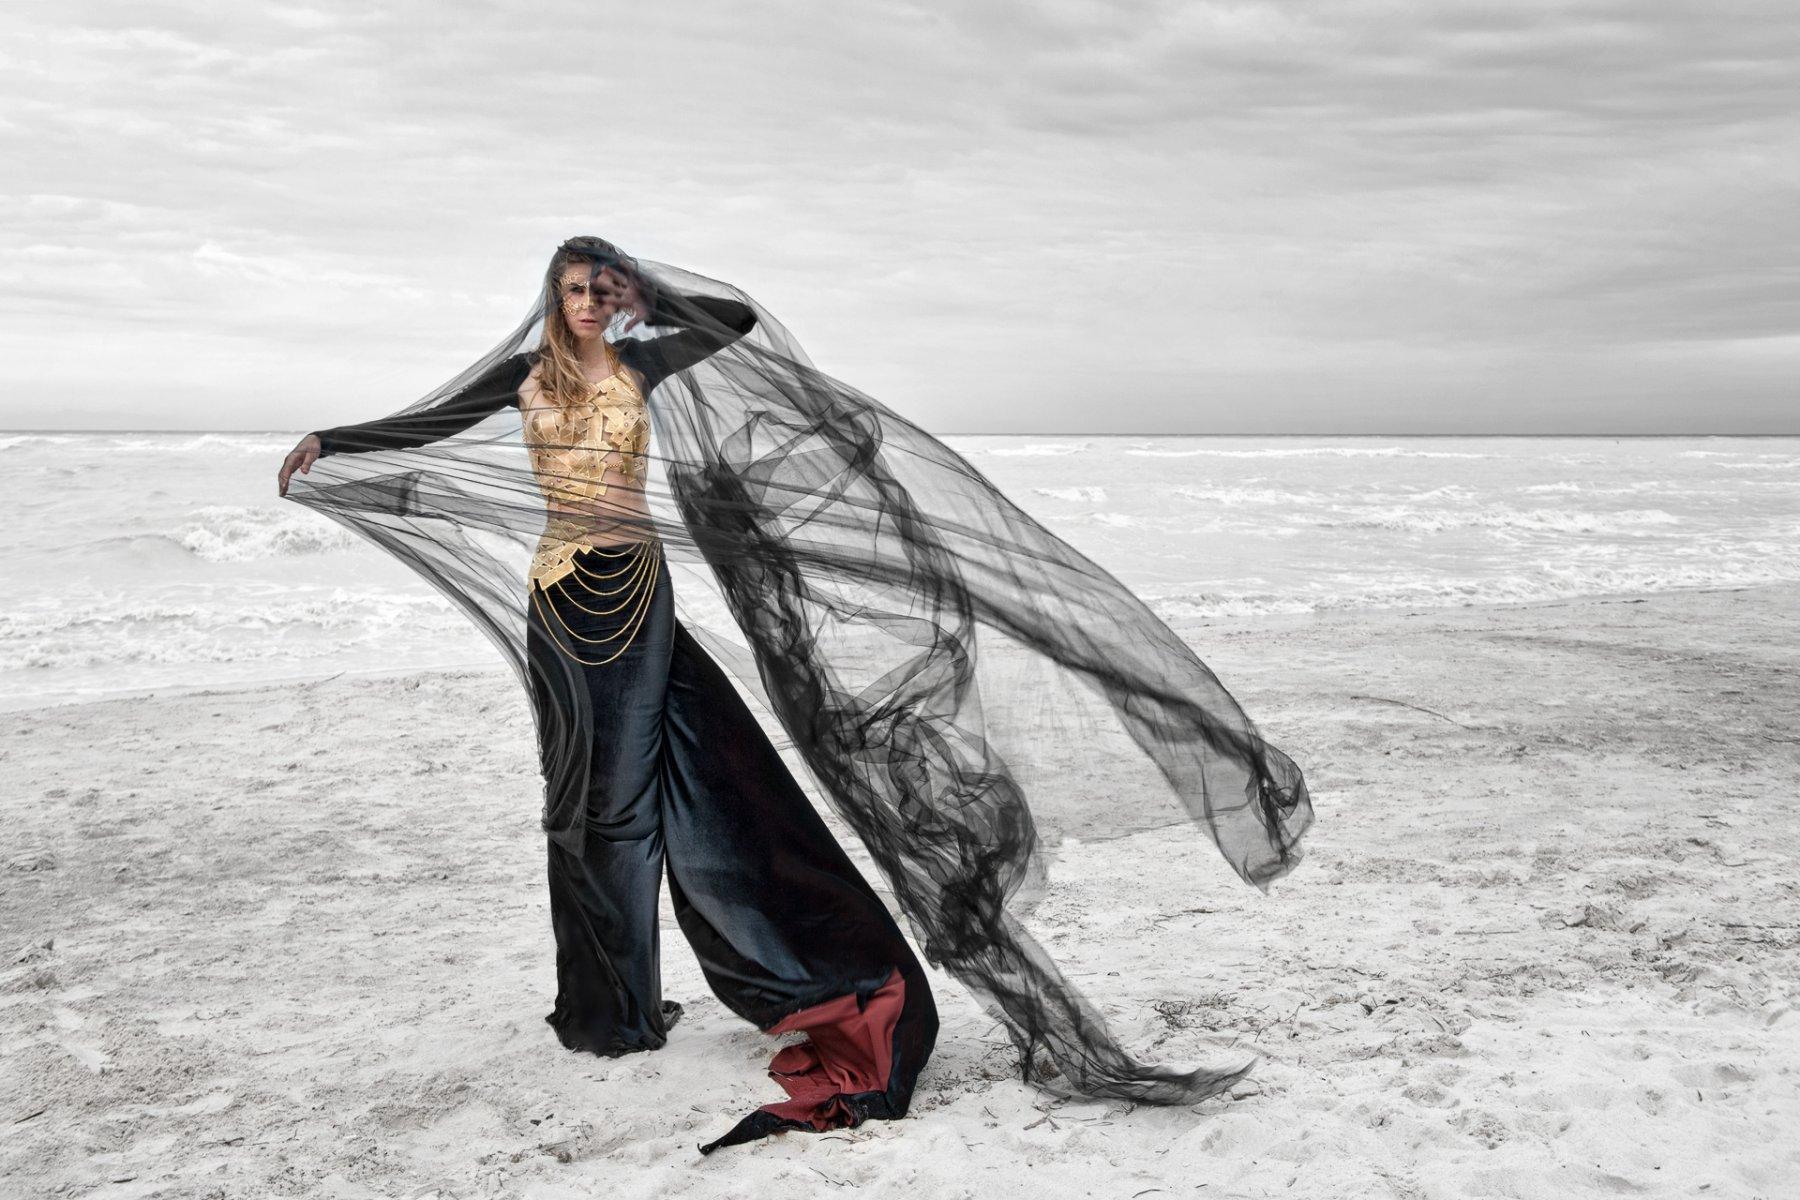 Sea-Queens-Idriss-Guelai-105 Fashion/Adv